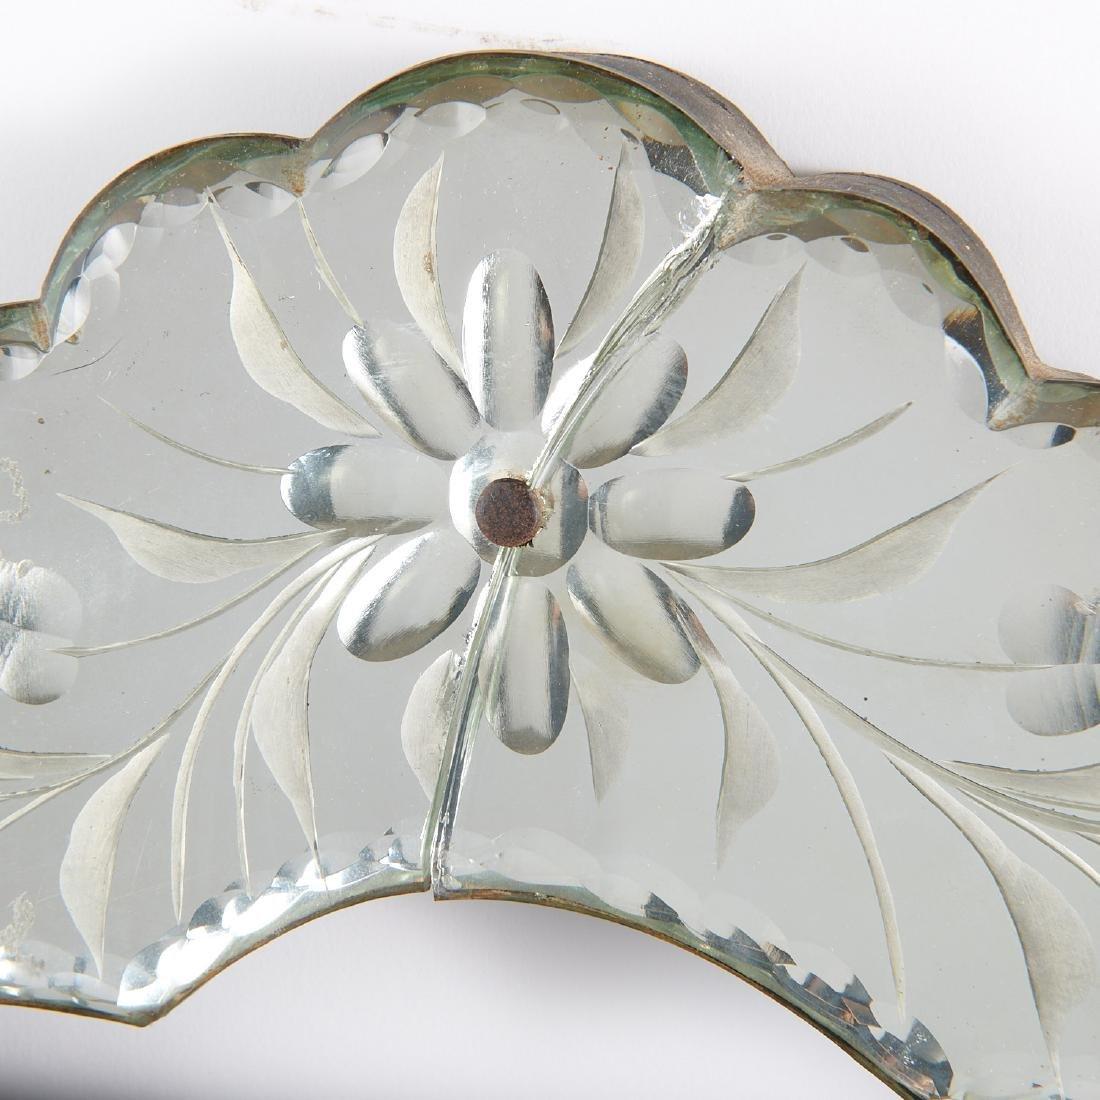 Harlequin pair Venetian style glass mirrors - 5